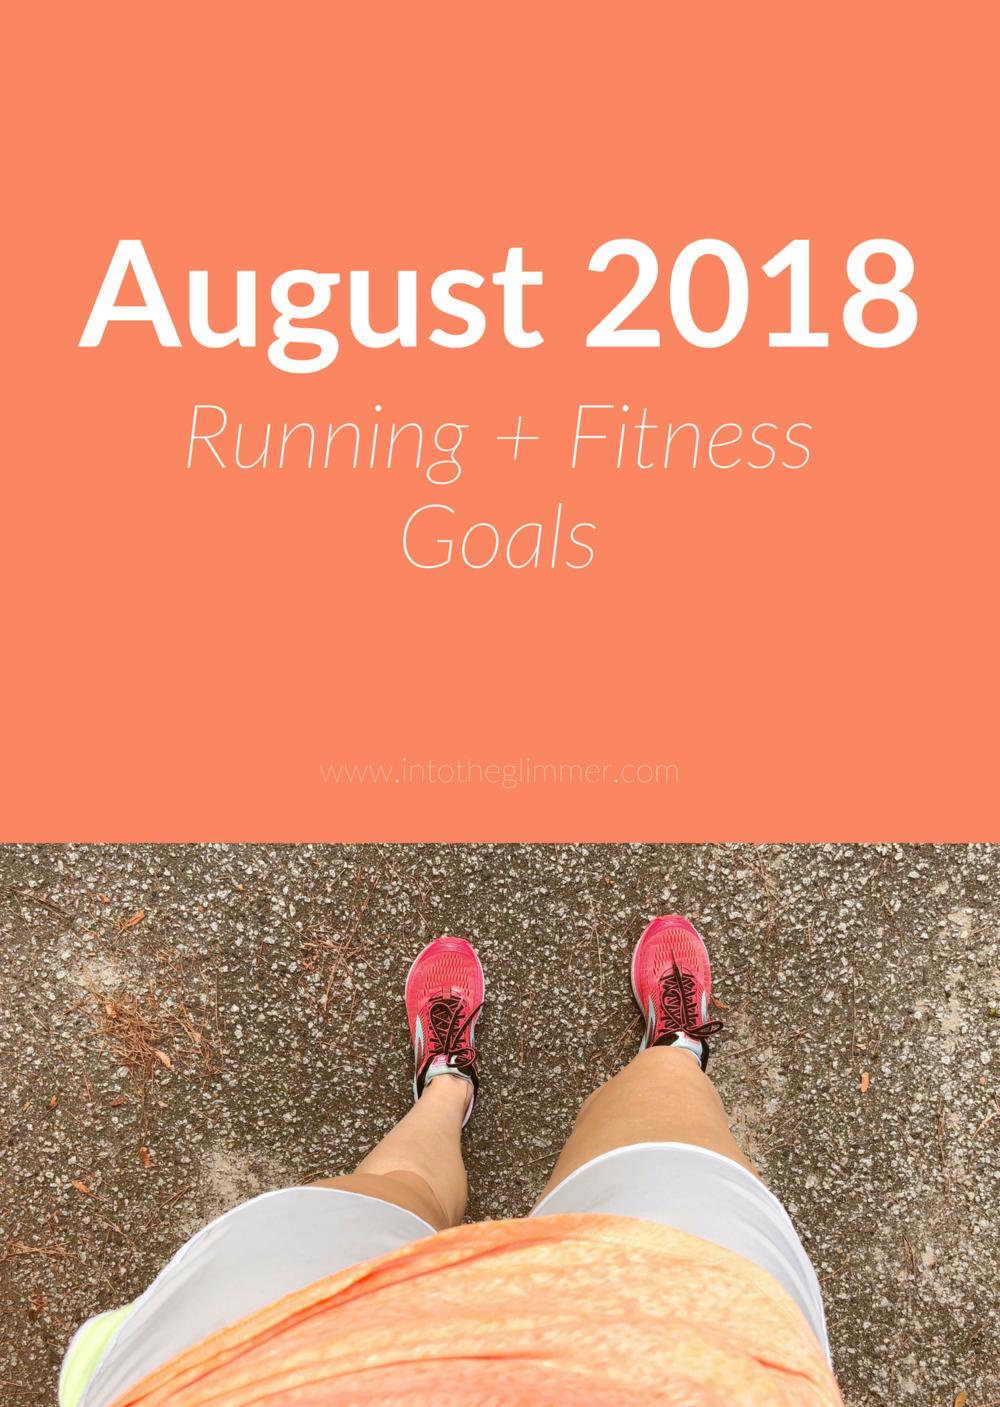 August 2018 Running & Fitness Goals